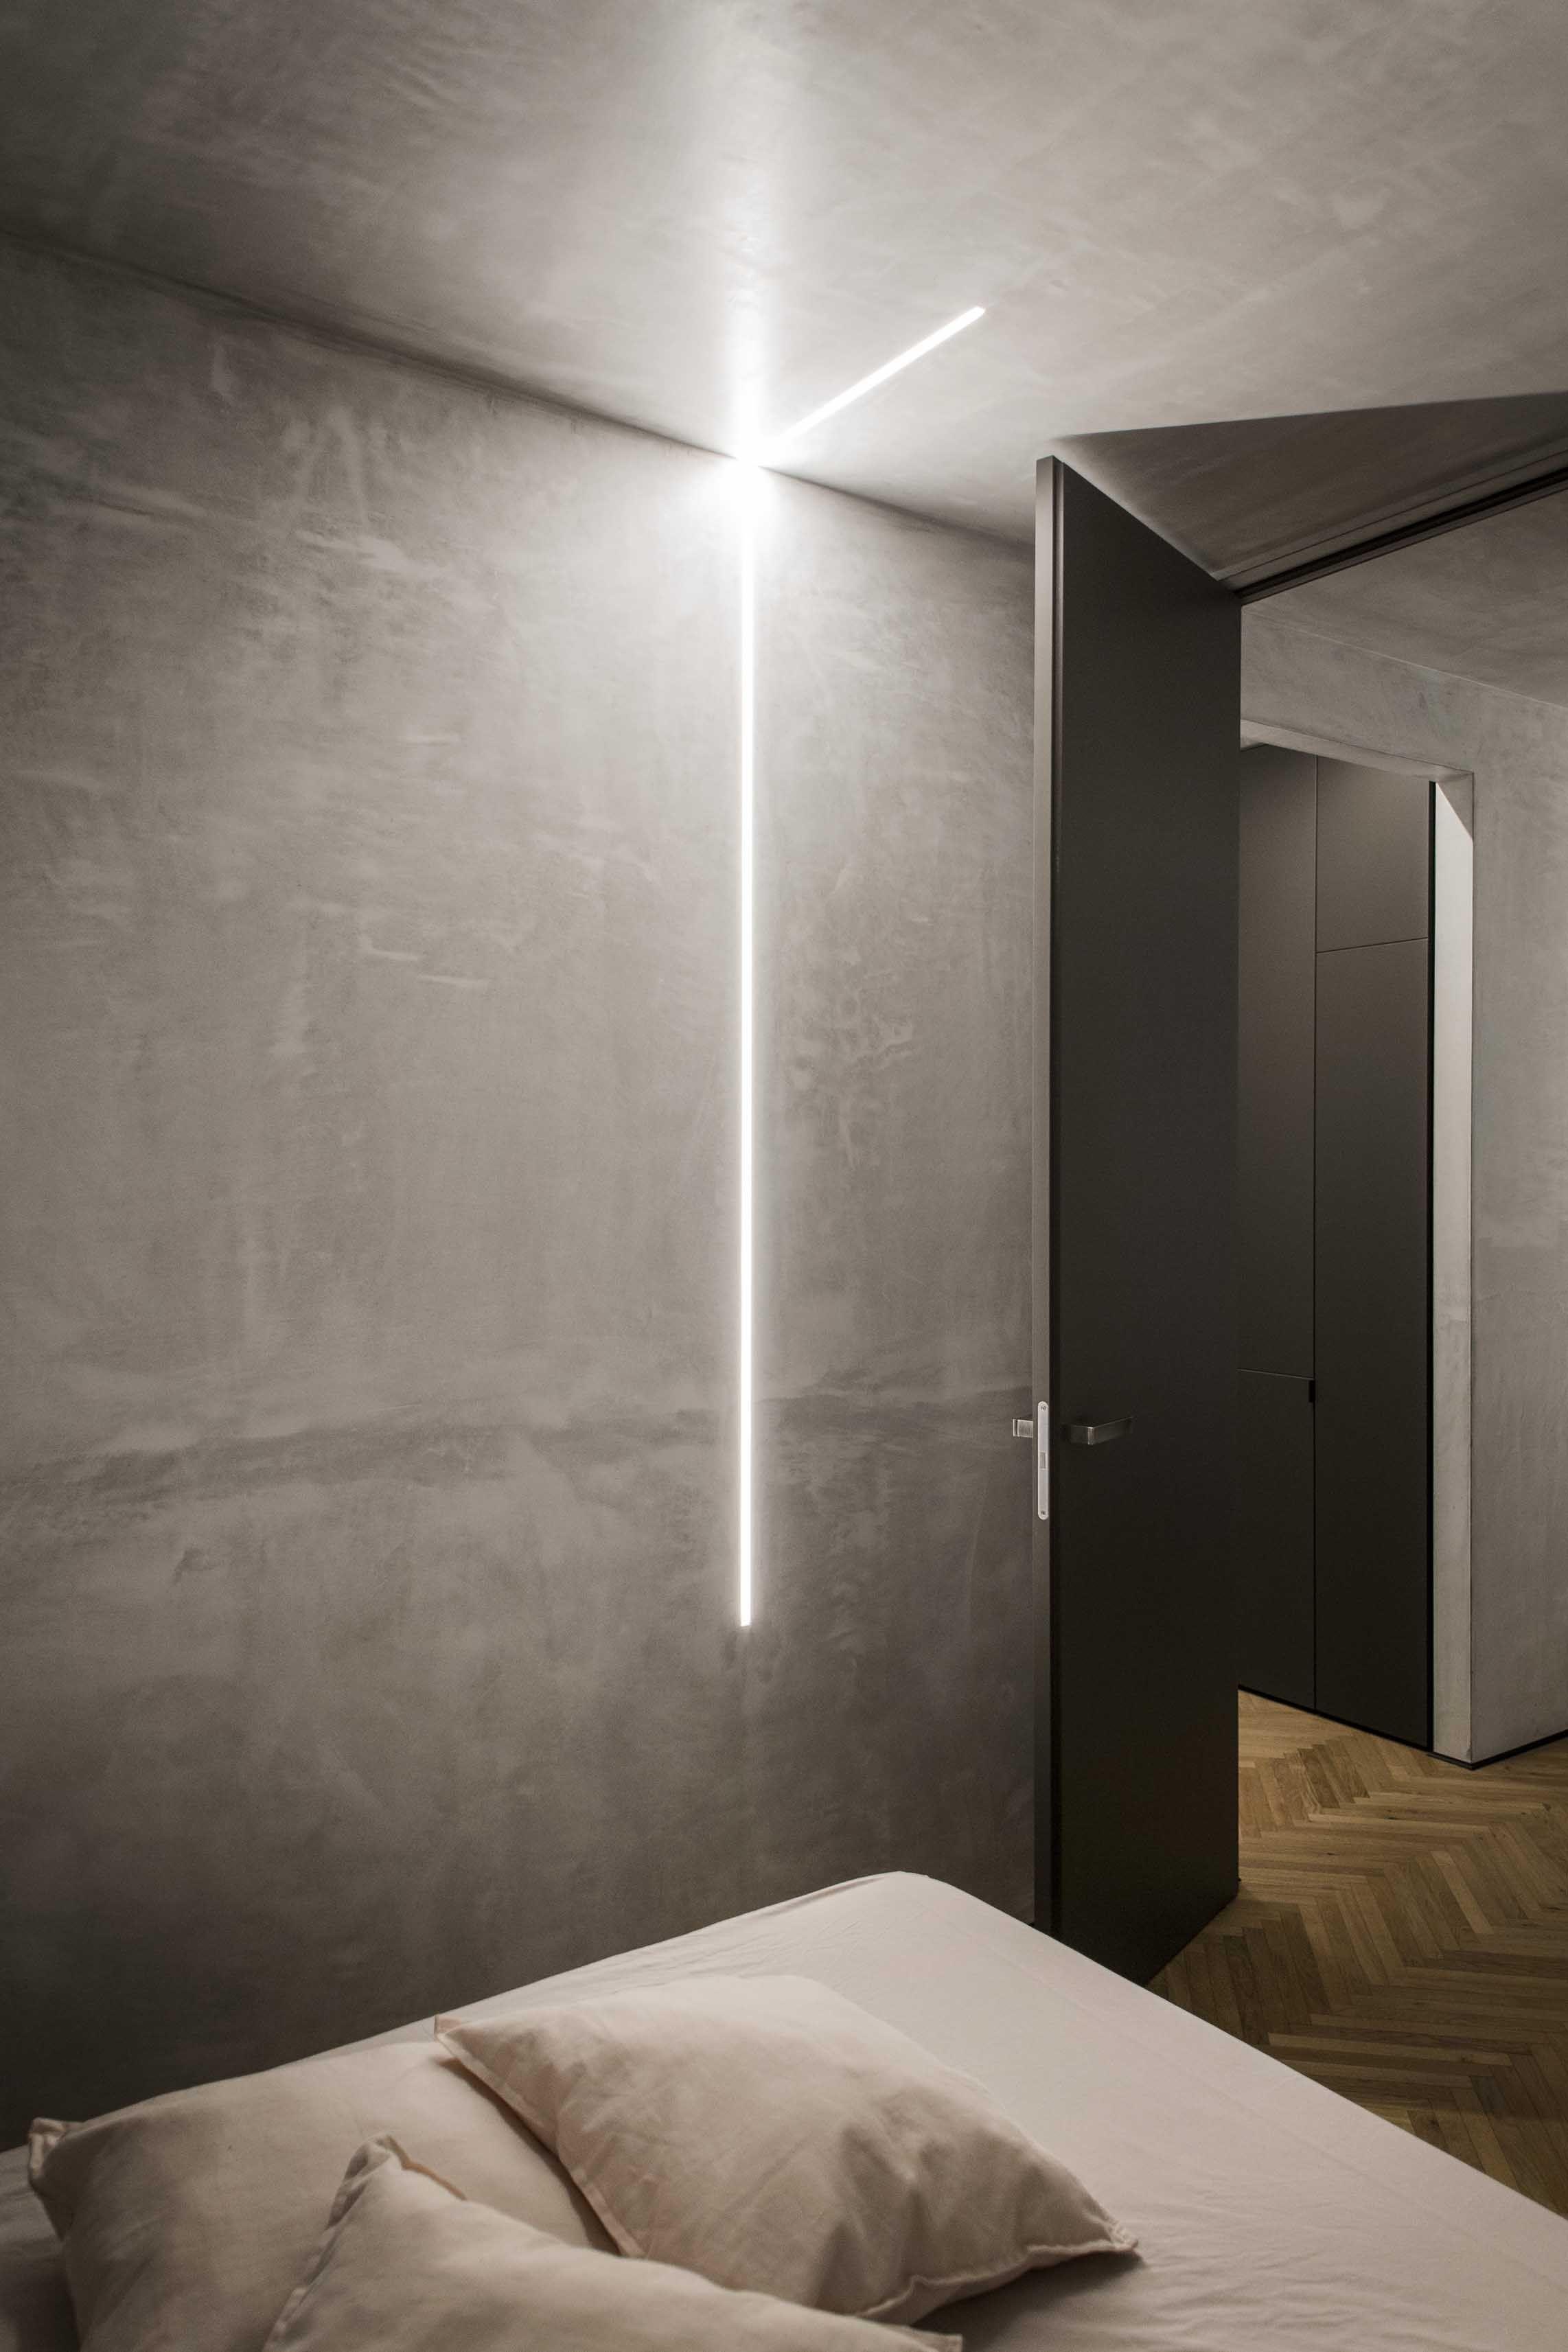 Abitazione privata di design a Treviso (TV Illuminazione